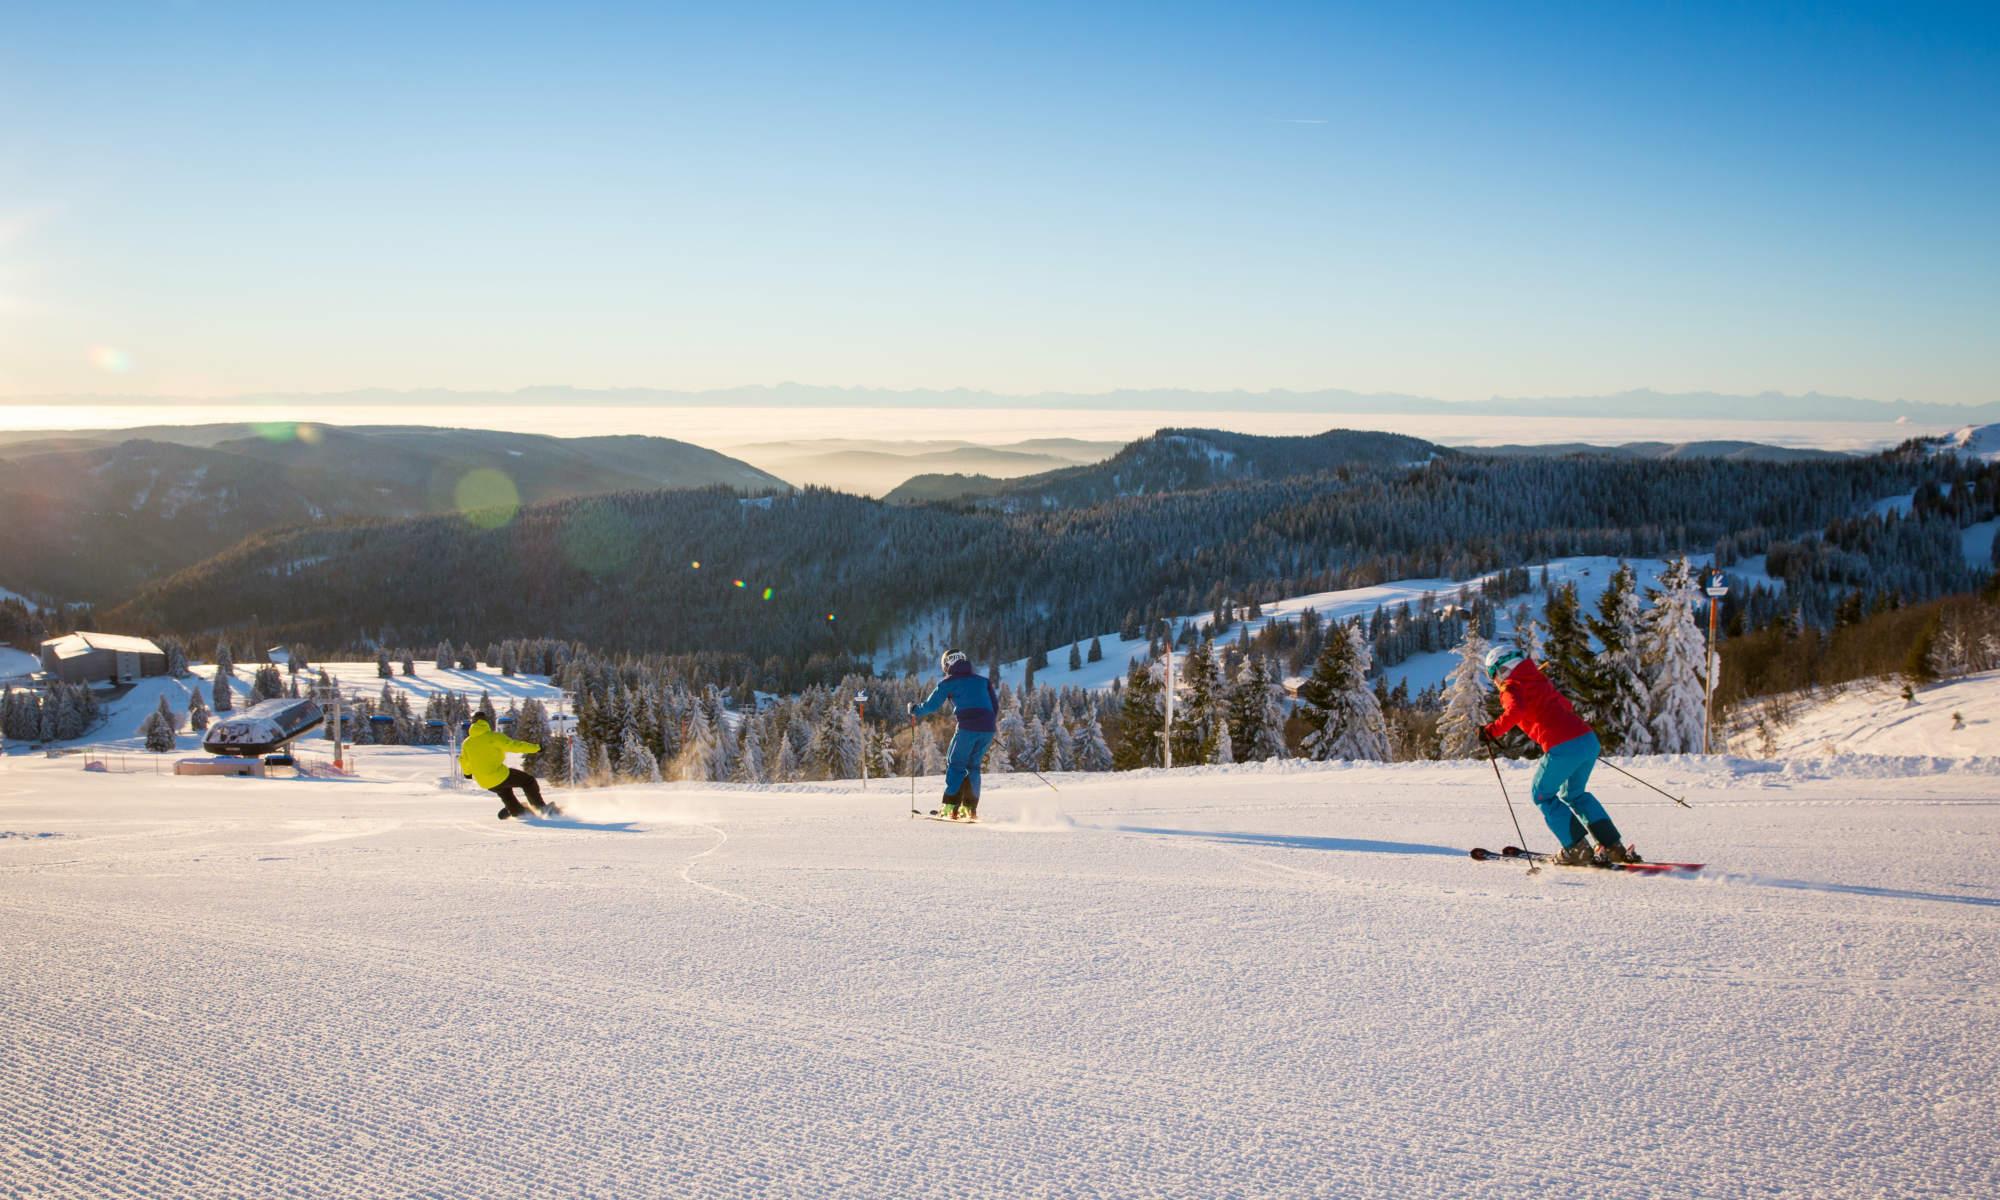 Skiërs oefenen hun techniek op een zonnige piste in Feldberg.